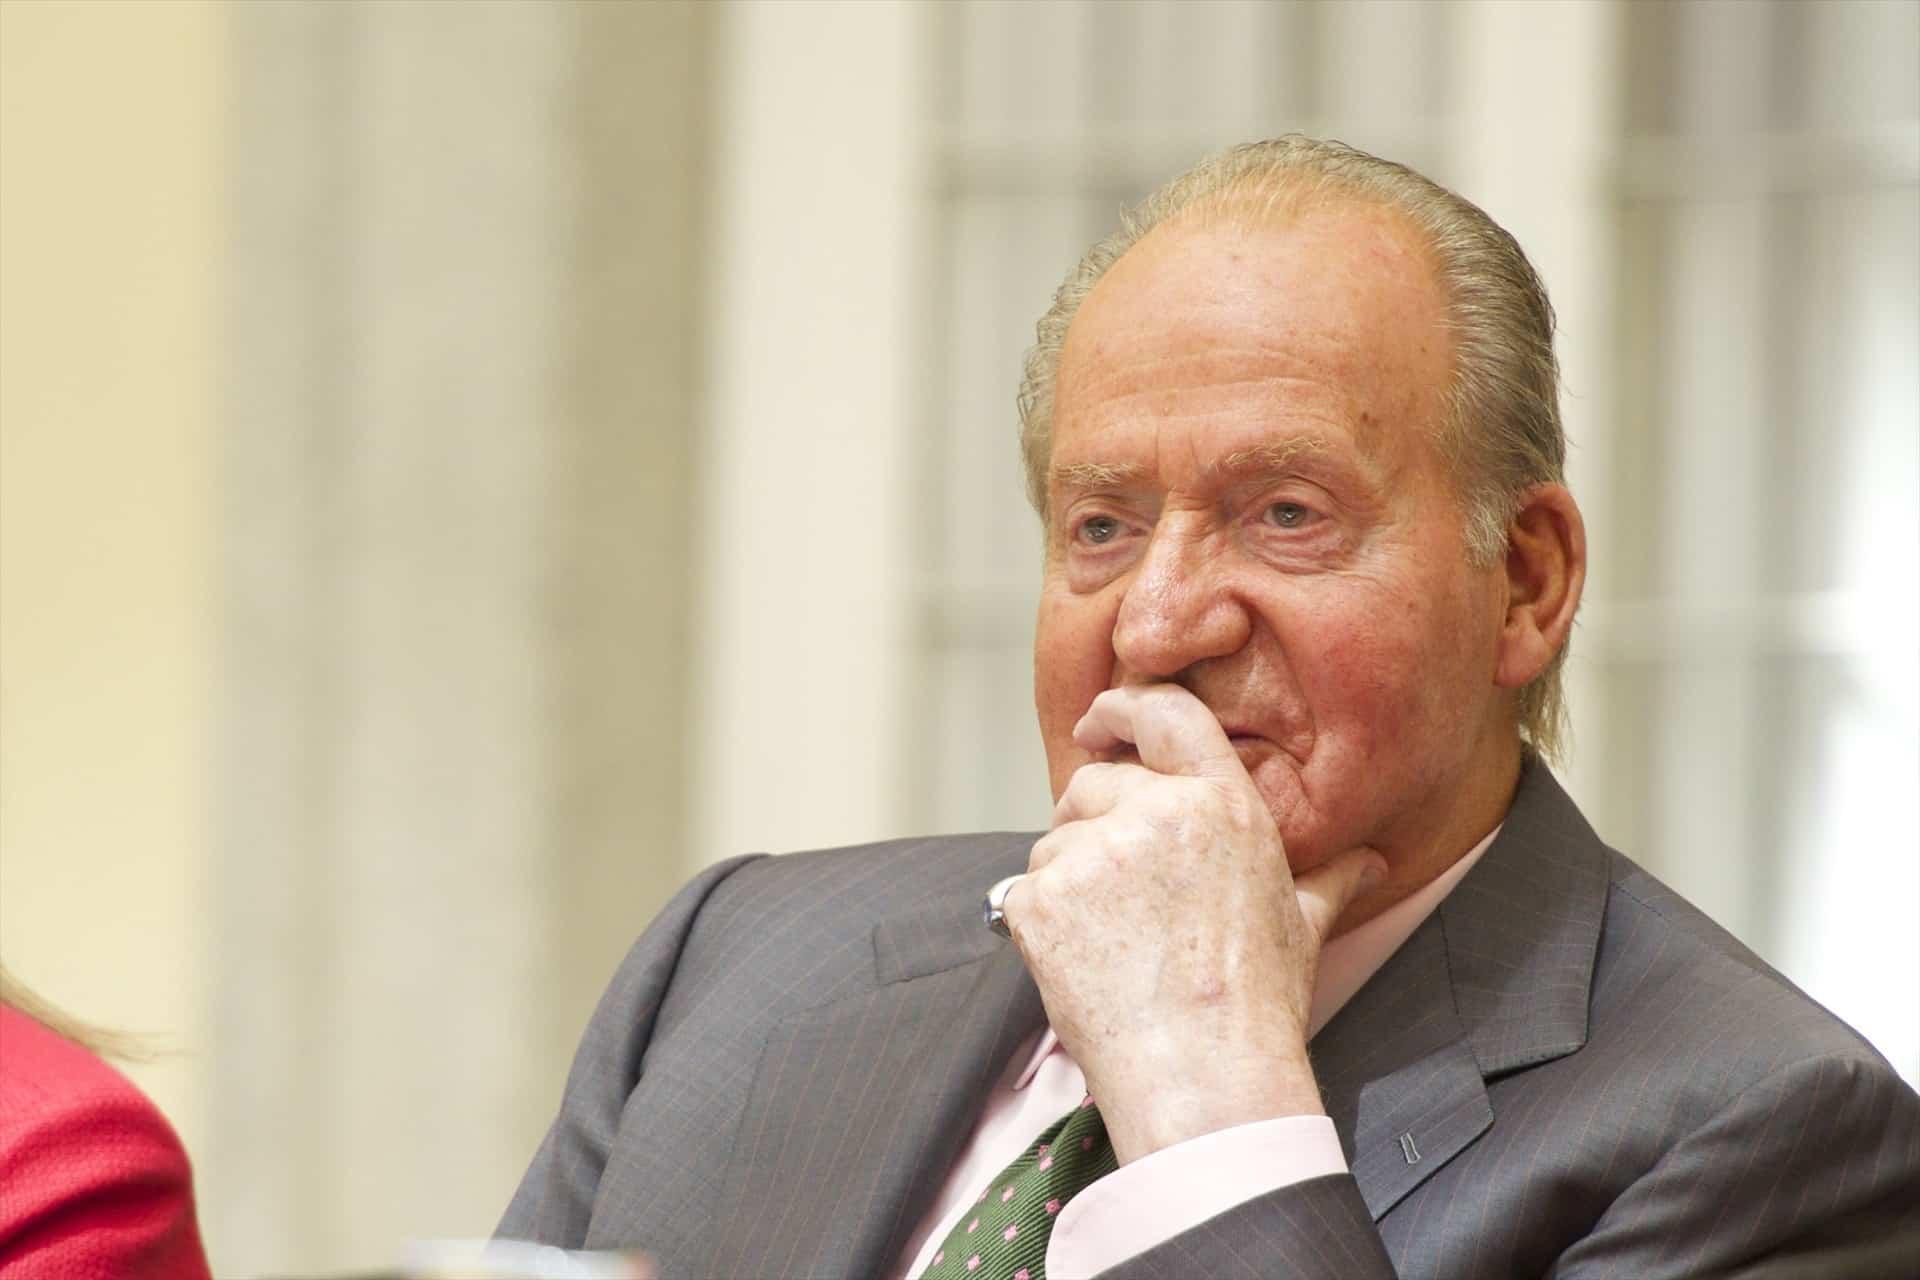 Juan Carlos von Spanien: Corinna zu Sayn-Wittgenstein verklagt ihn